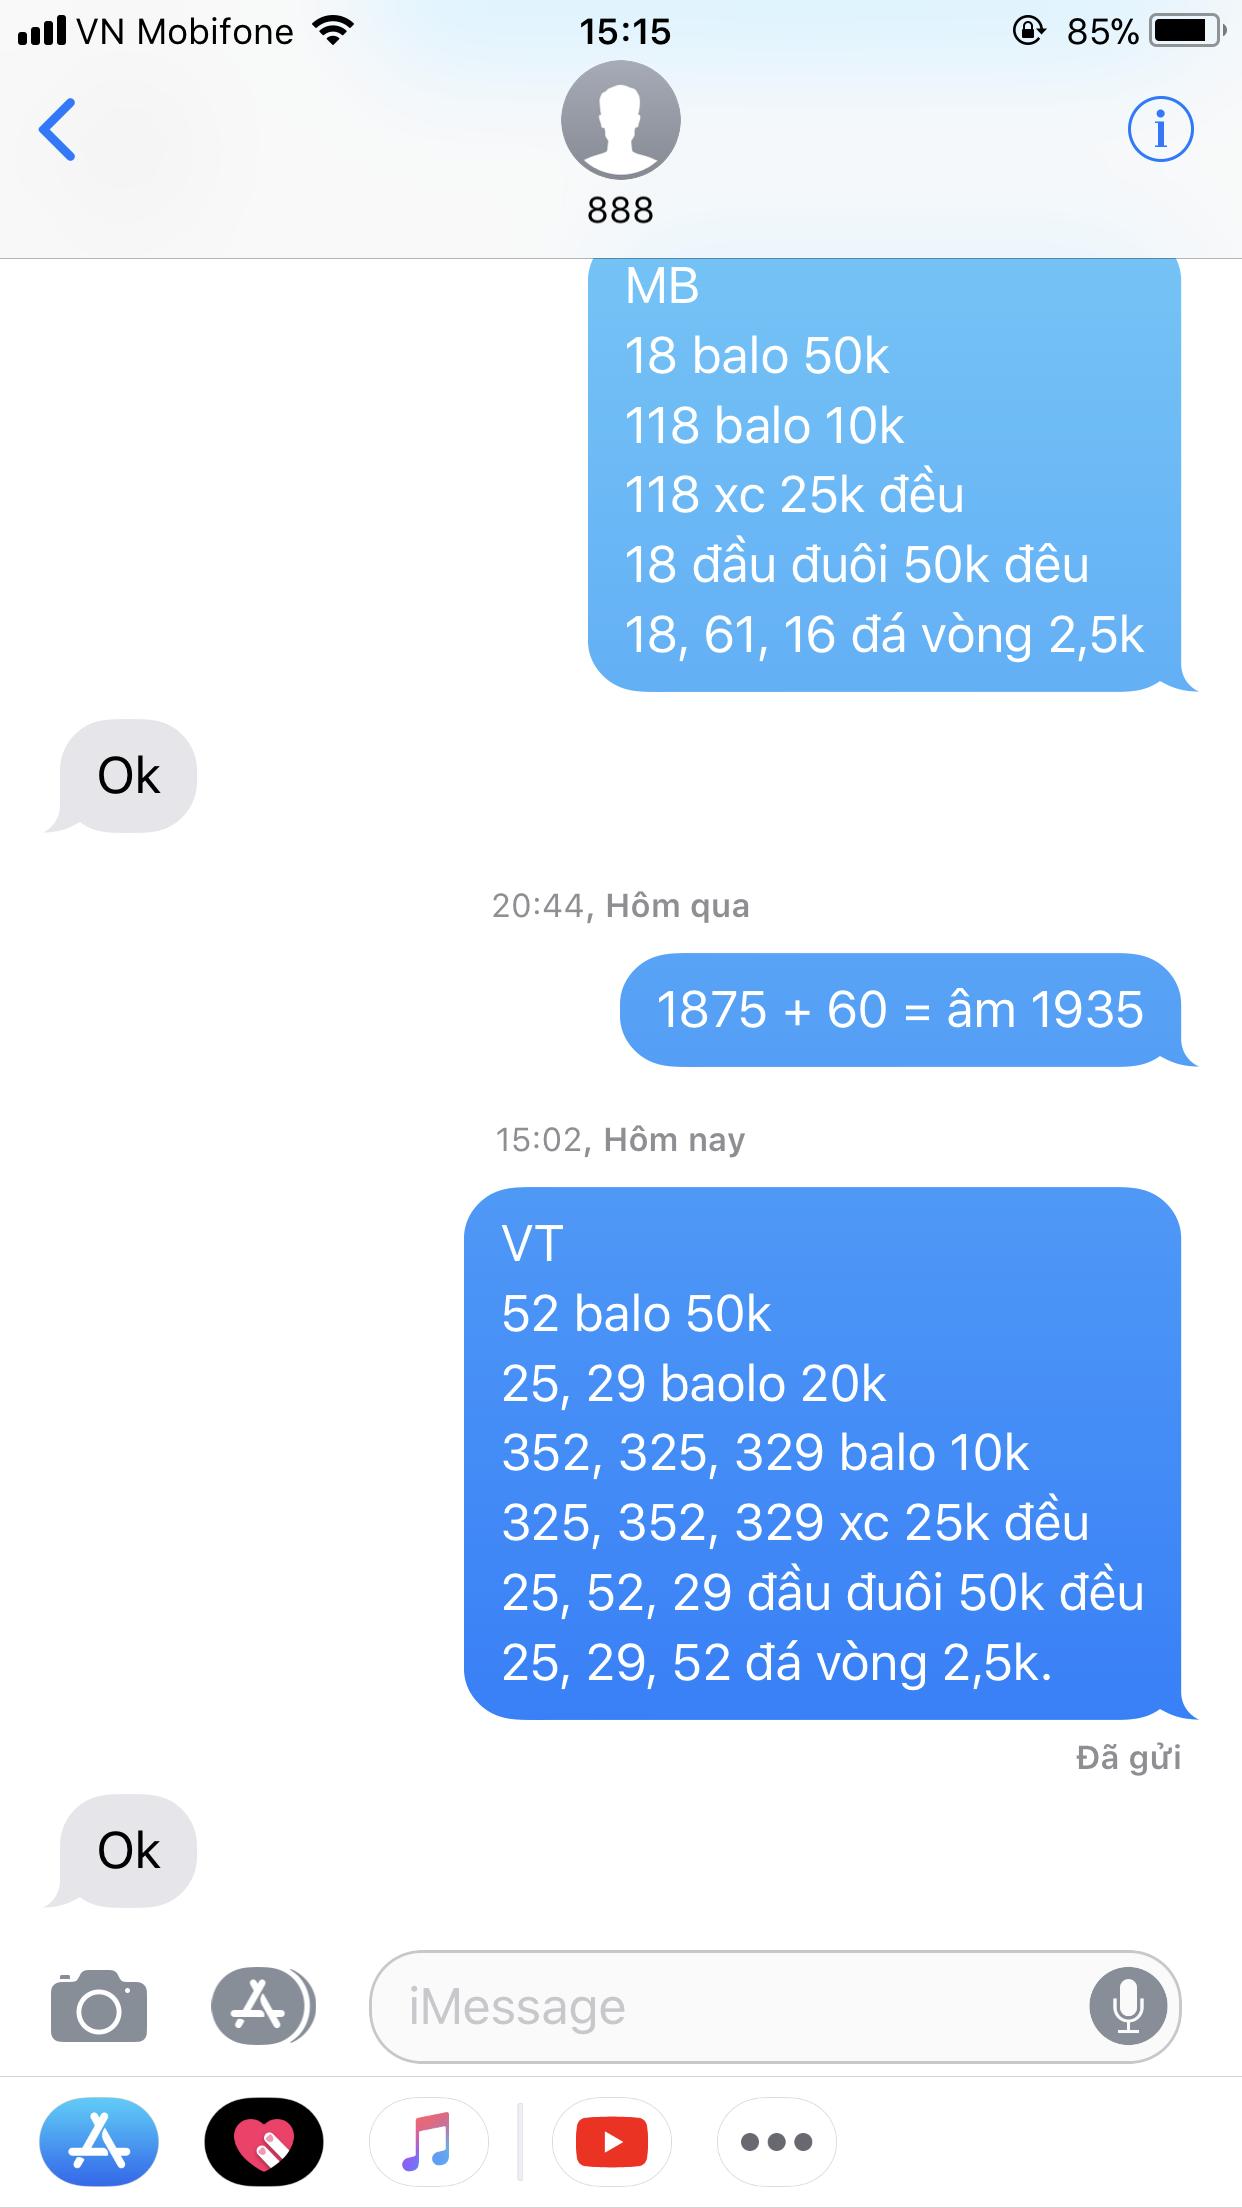 350DFF89-5835-4165-88EF-45C0EC3BCE15.png